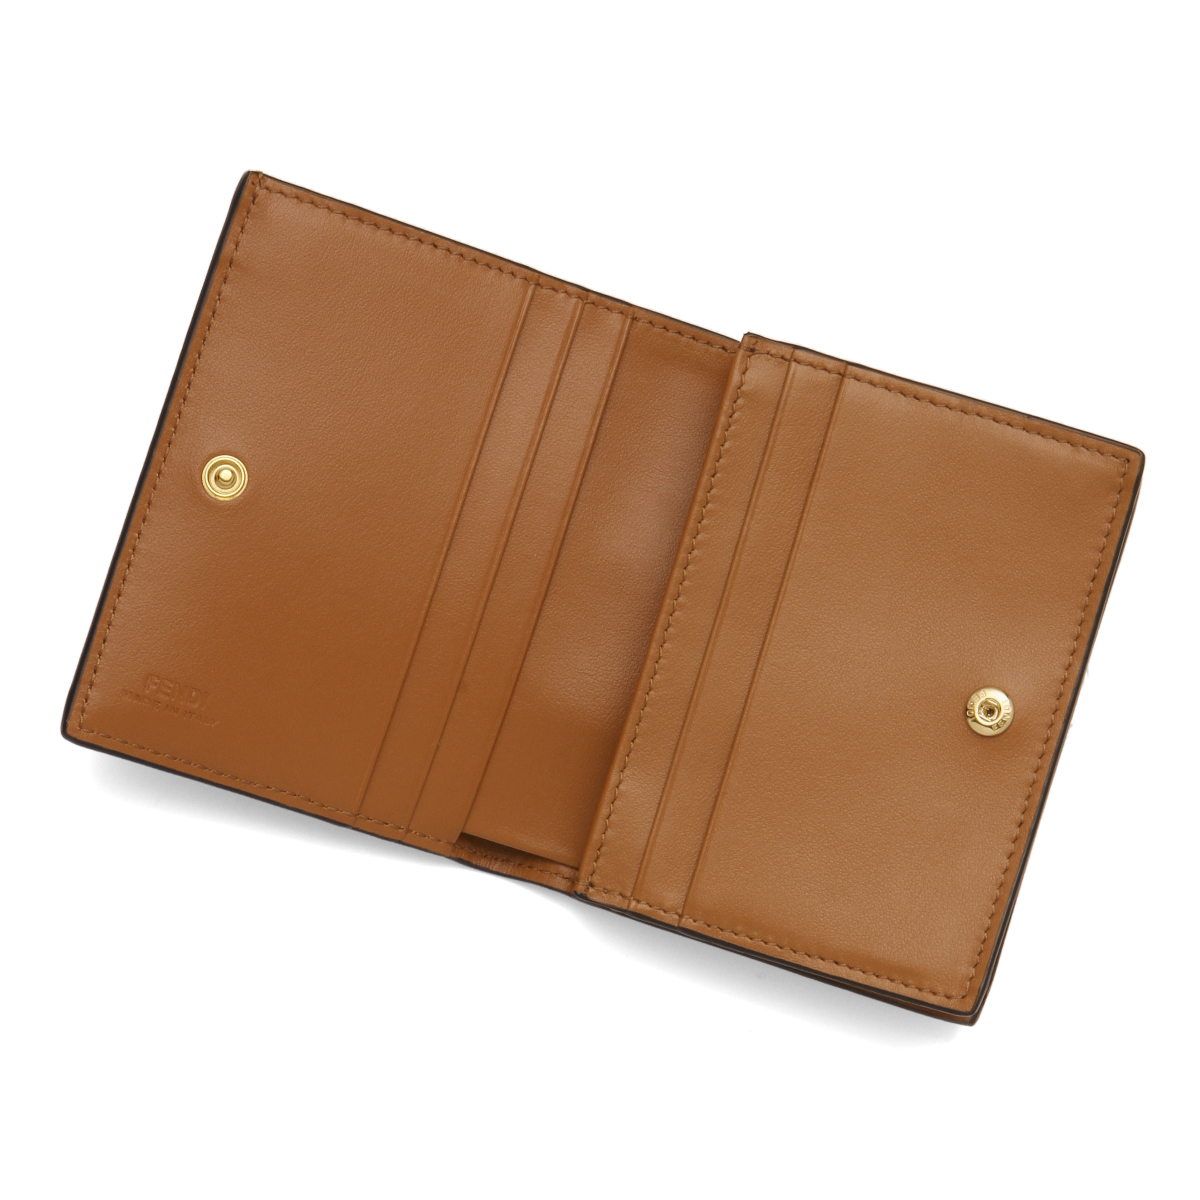 FENDI フェンディ | 二つ折り財布 スモール